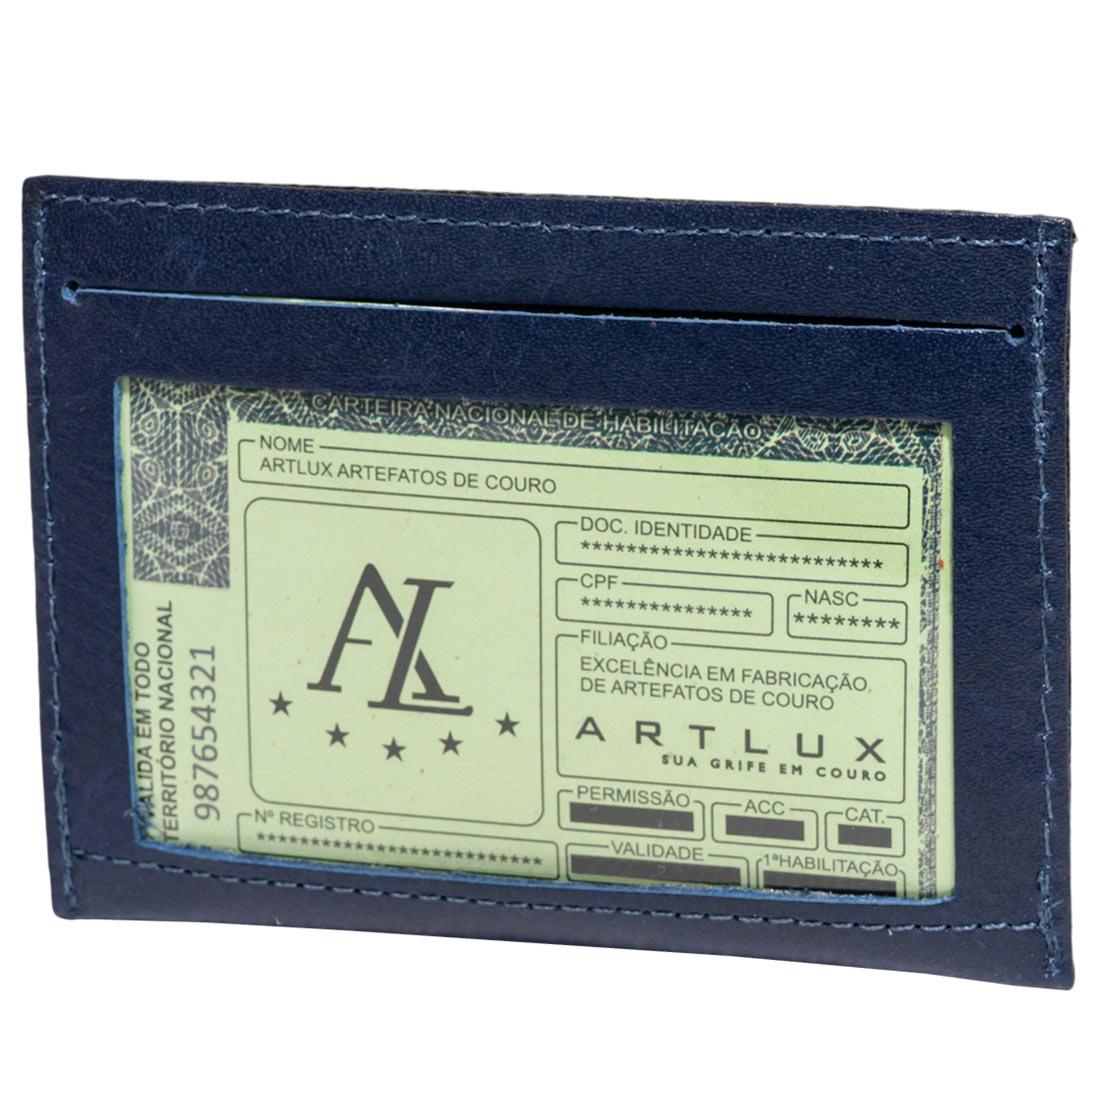 Mini Carteira para RG, CNH e Cartões em Couro Artlux